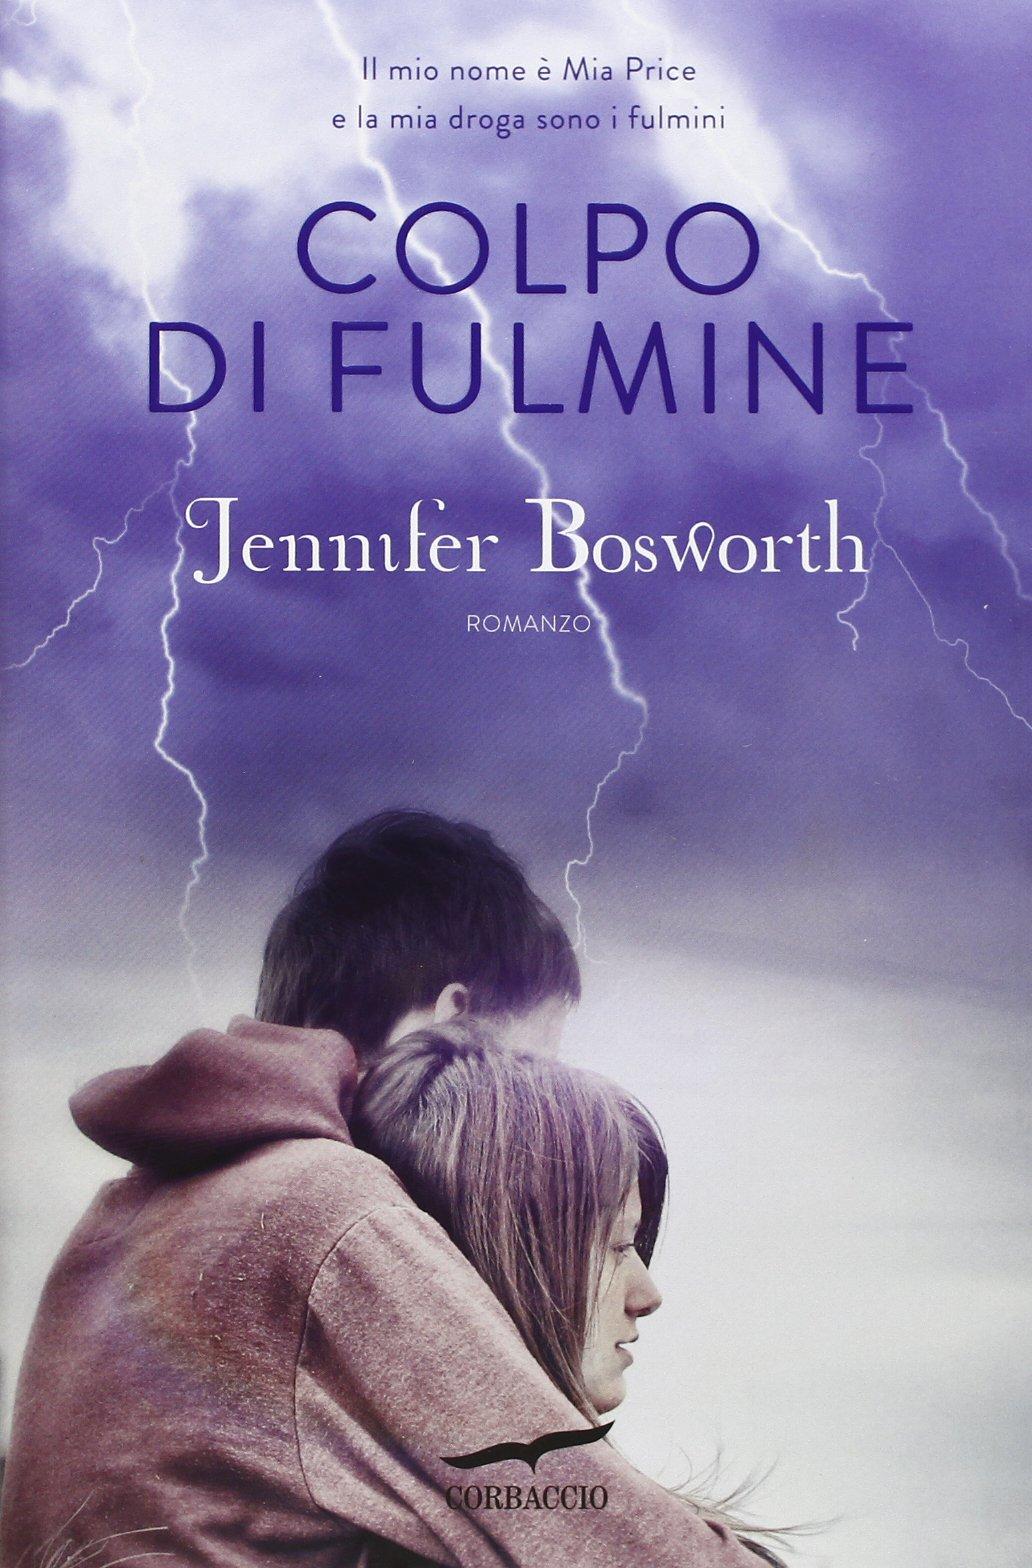 Amazon.it: Colpo di fulmine - Bosworth, Jennifer, De Medio, E. - Libri